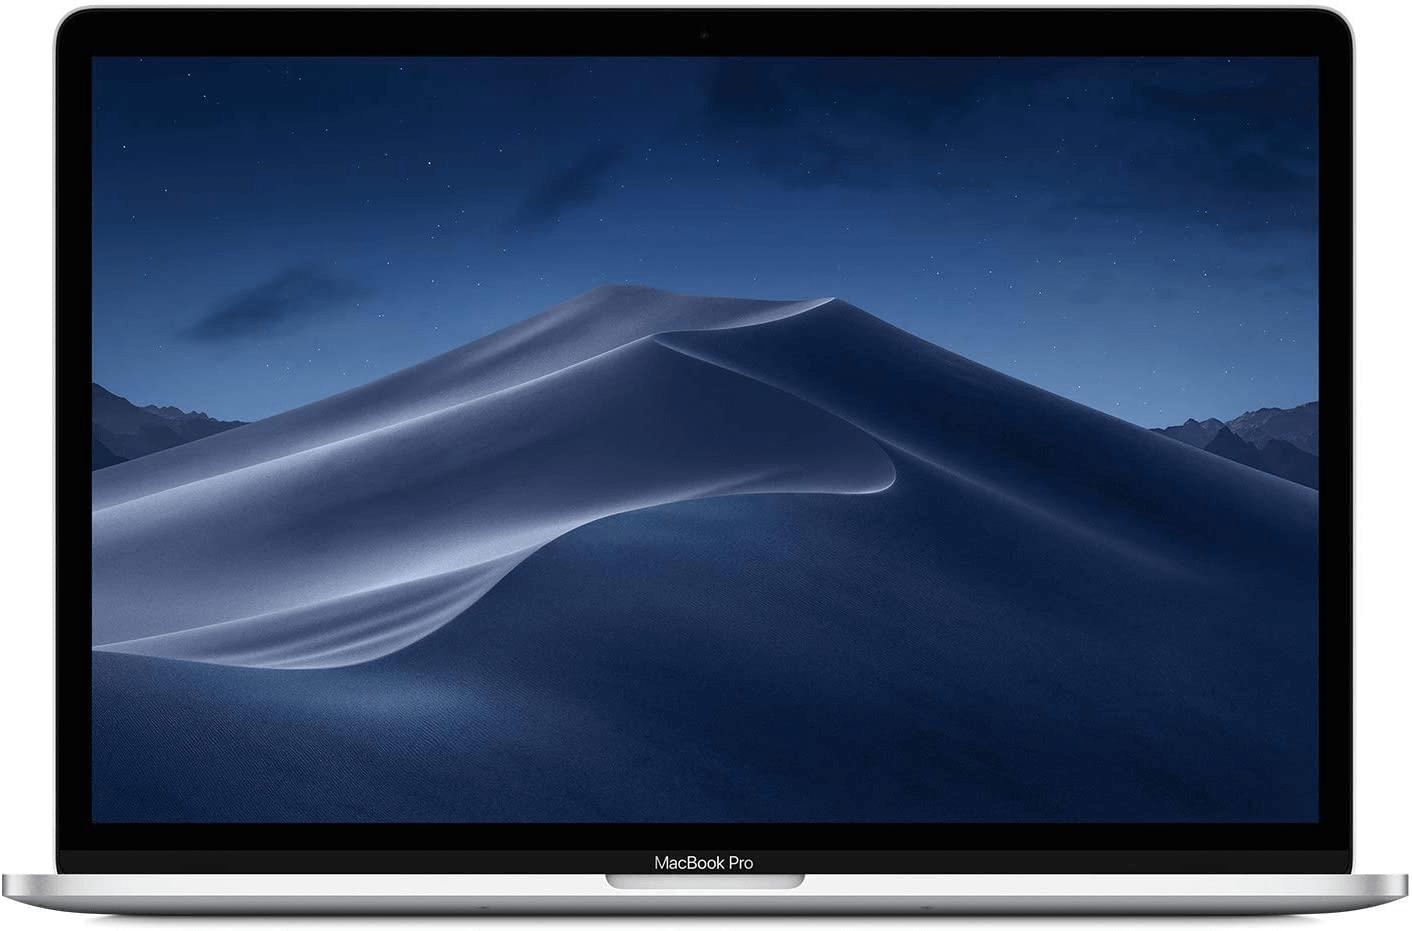 MacBook Pro【最新モデル 15インチ】